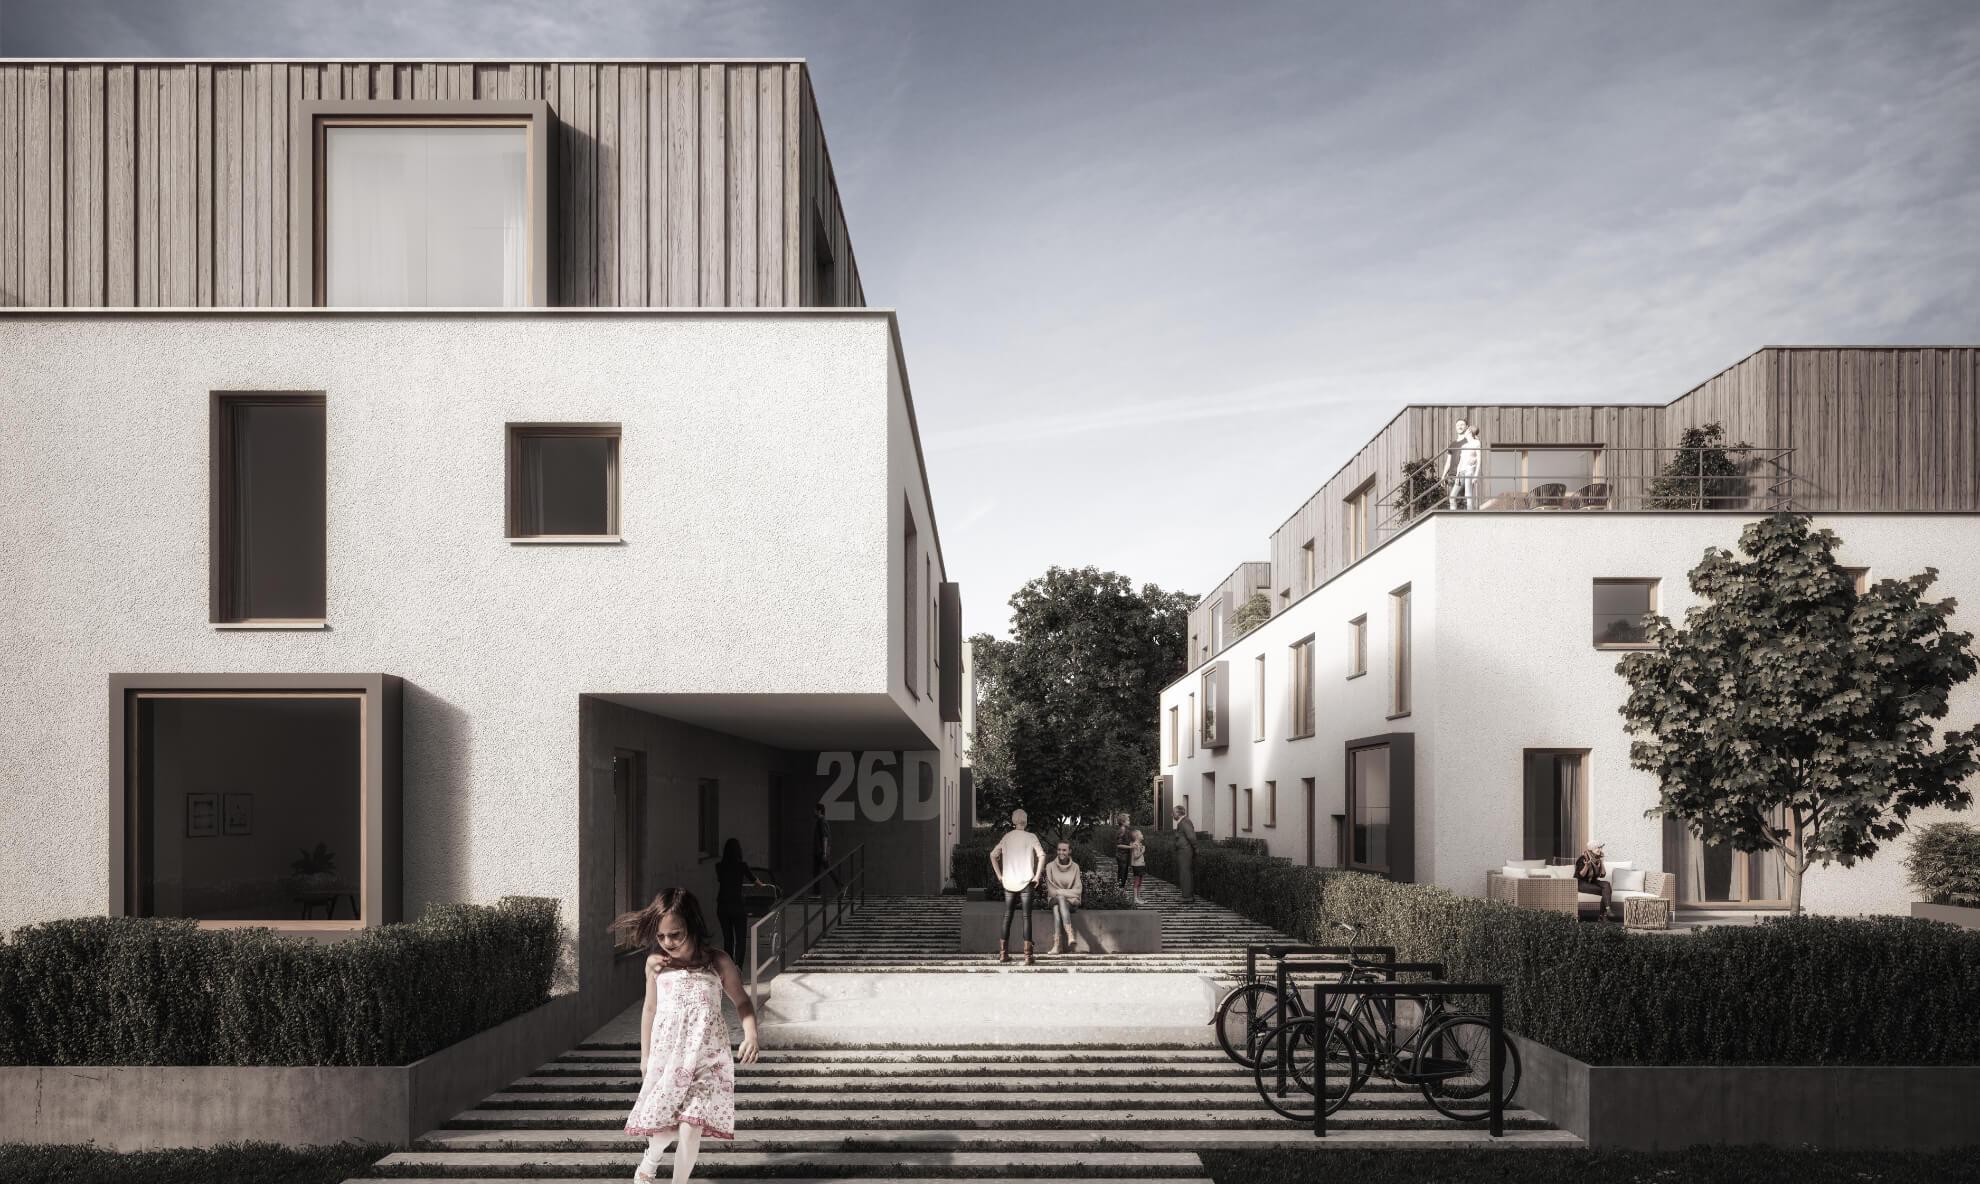 26D-02-marcbetz architekten